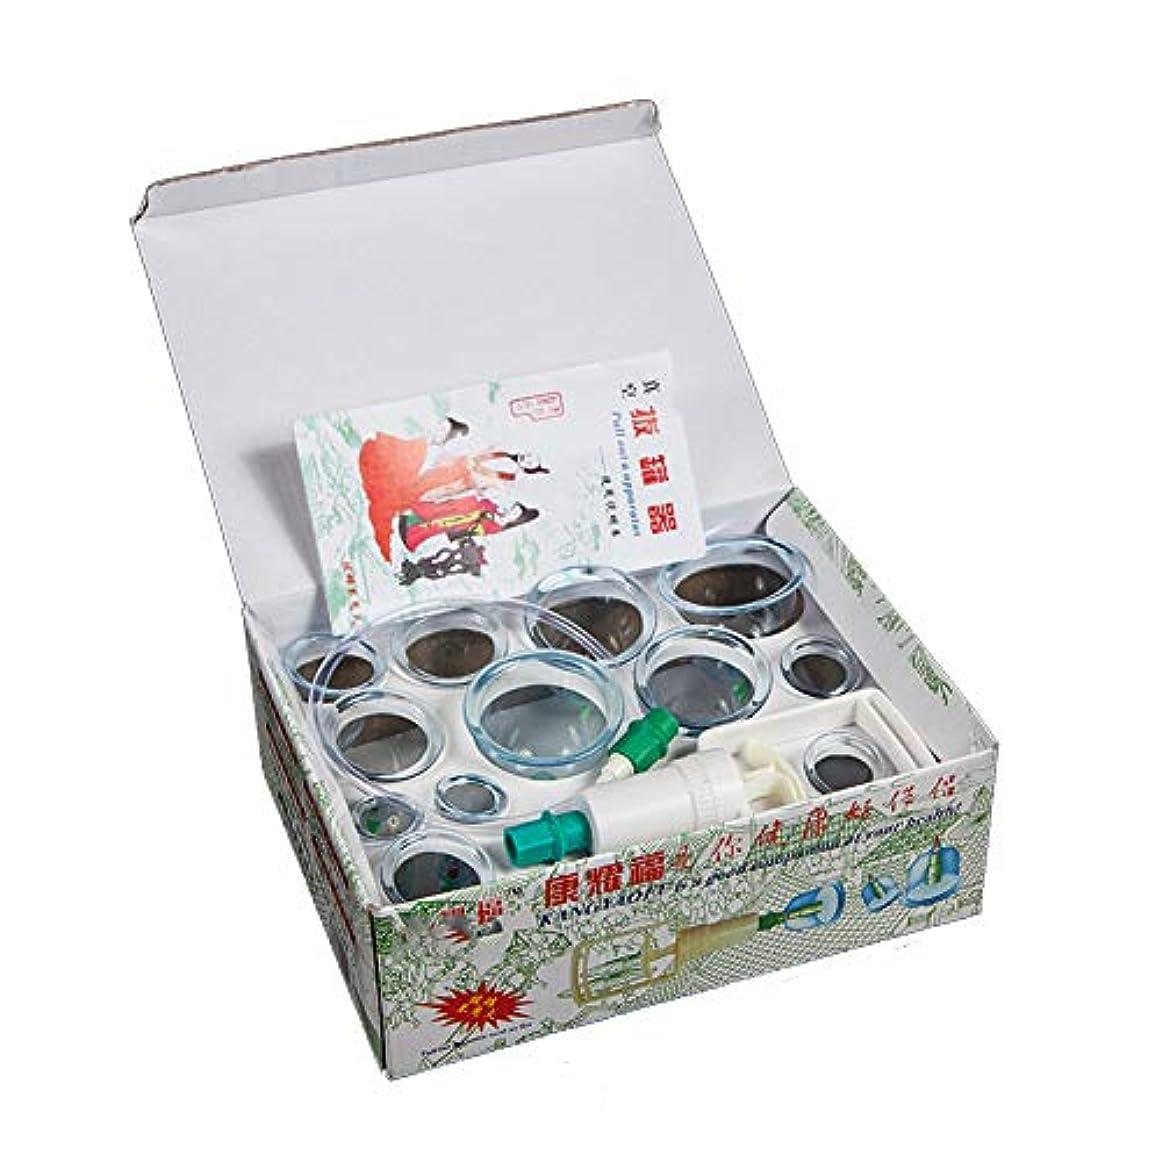 洪水一致する悲しいことに12カップカッピングセットプラスチック、真空吸引生体磁気中国ツボ療法、ポンプ付きの家、ボディマッサージ痛み緩和理学療法排泄毒素